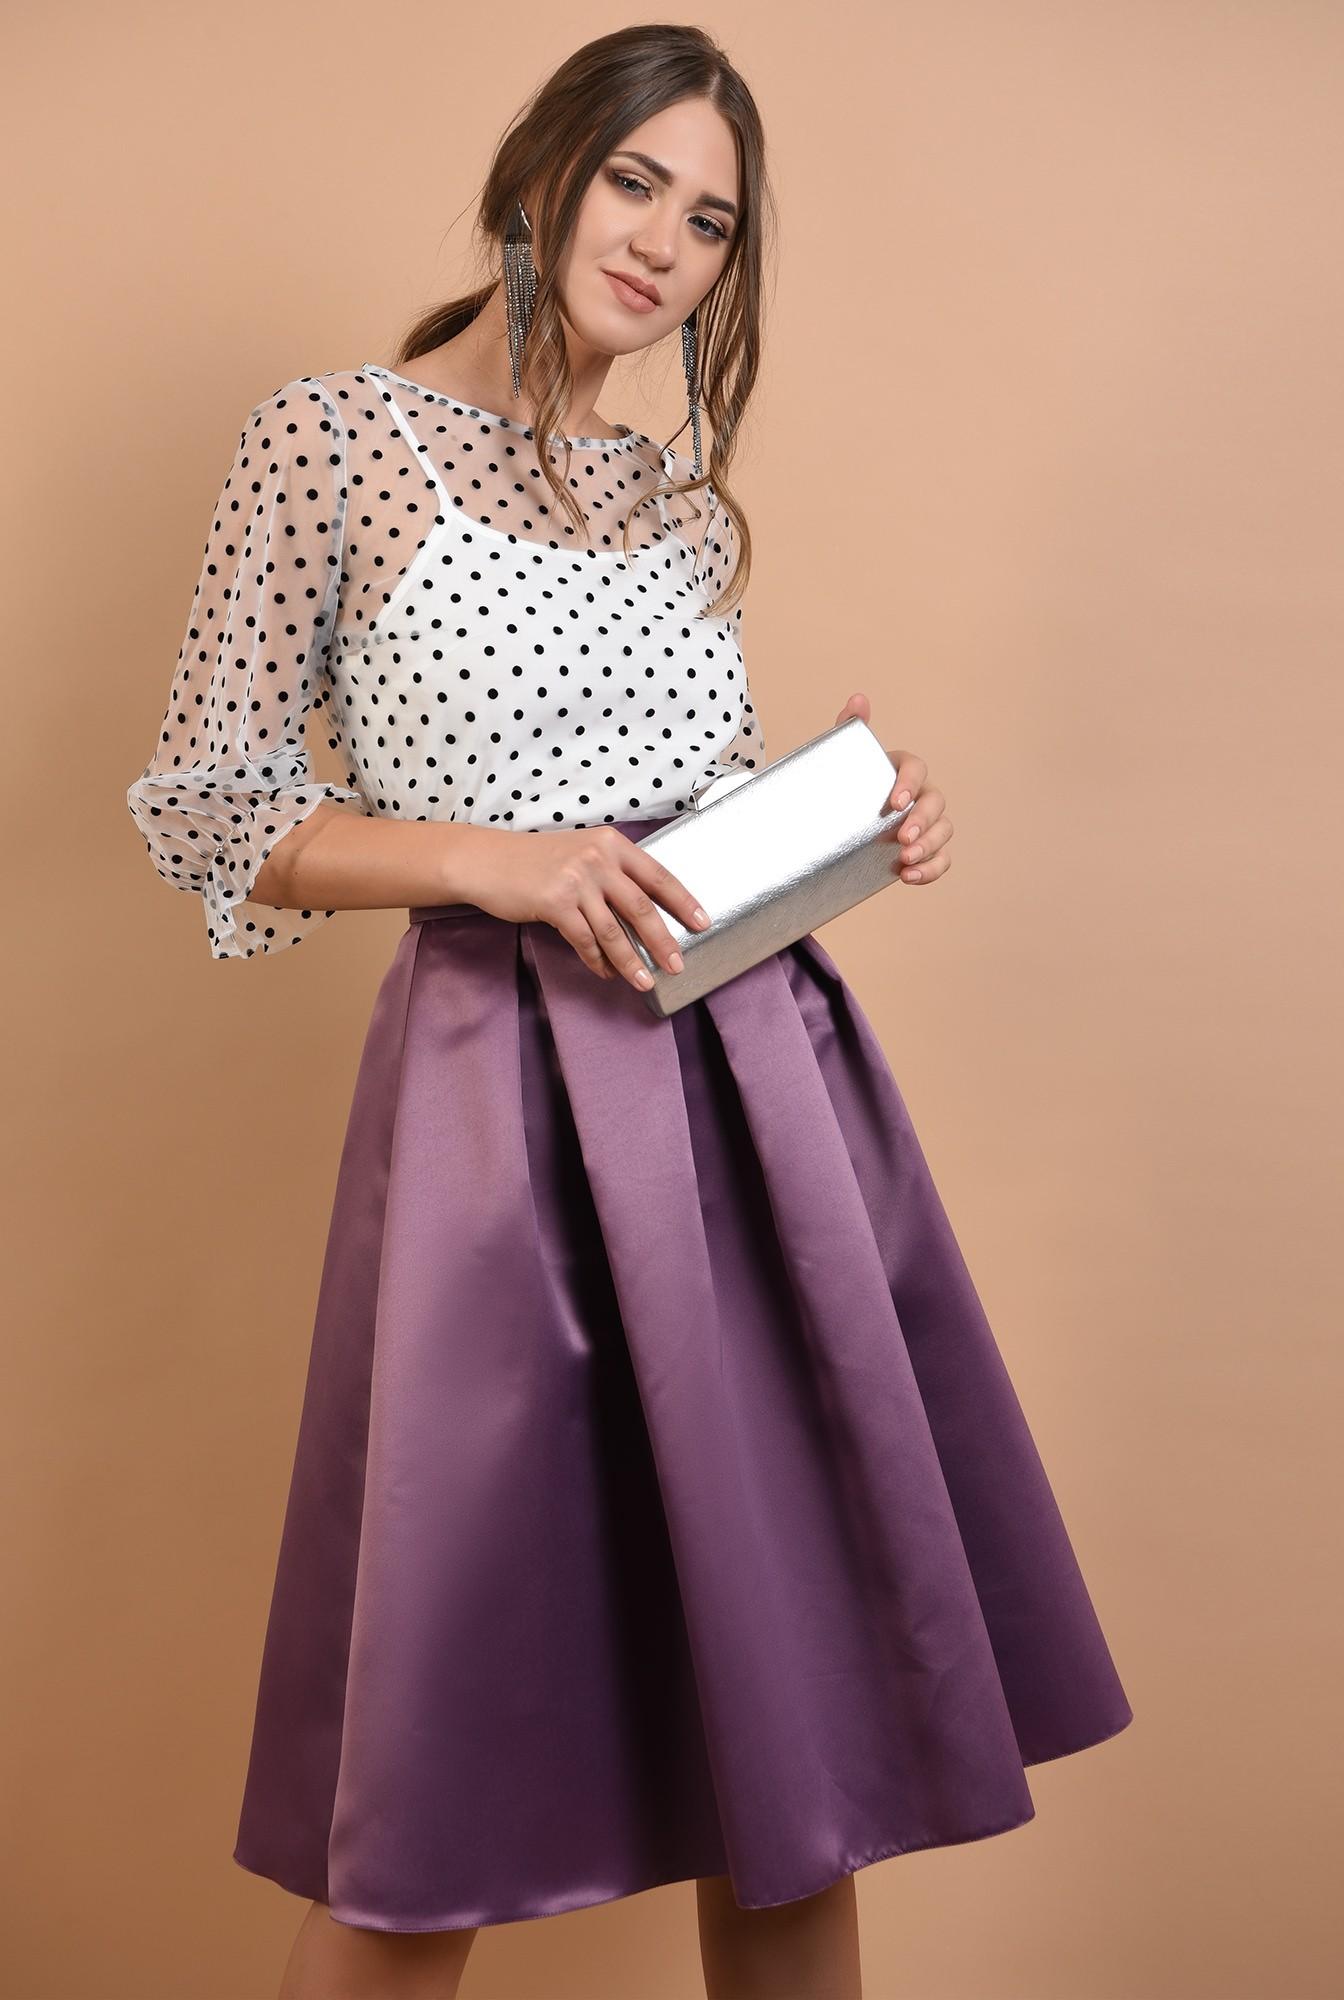 0 - fusta eleganta, Poema, din tafta, pliseuri panou, cu talie inalta